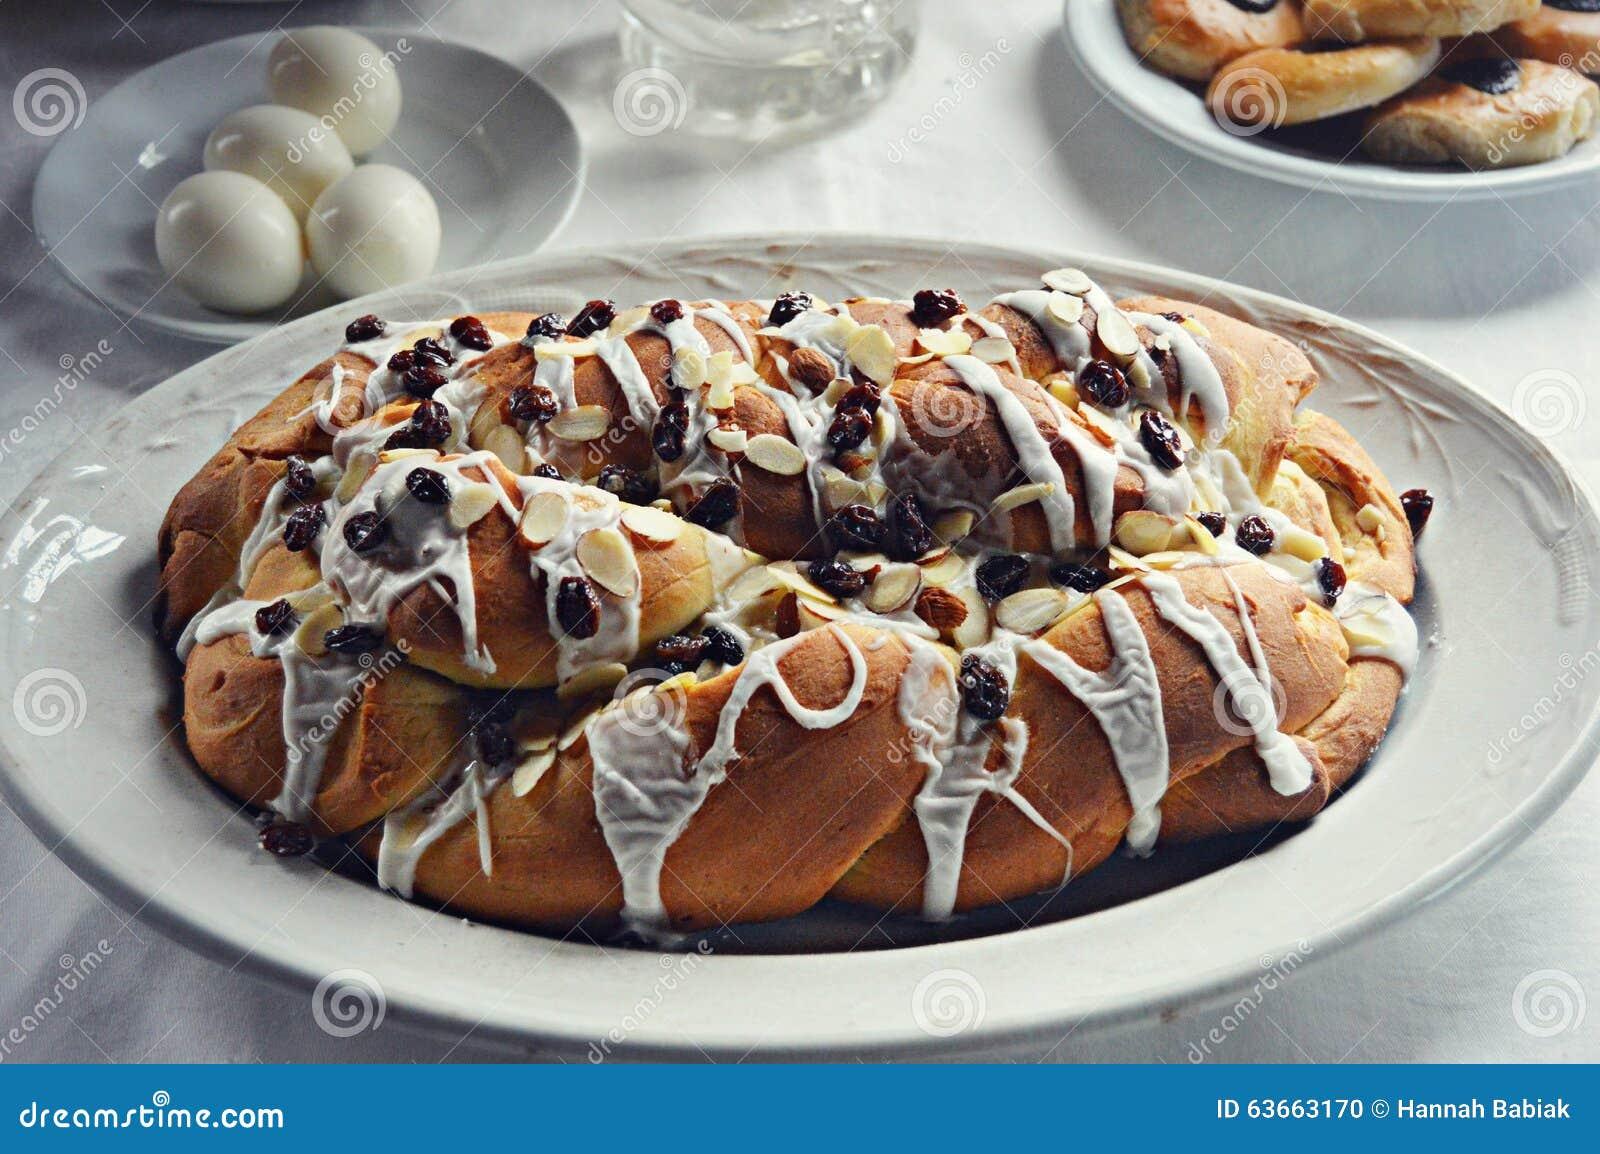 Pane di natale con mandorle